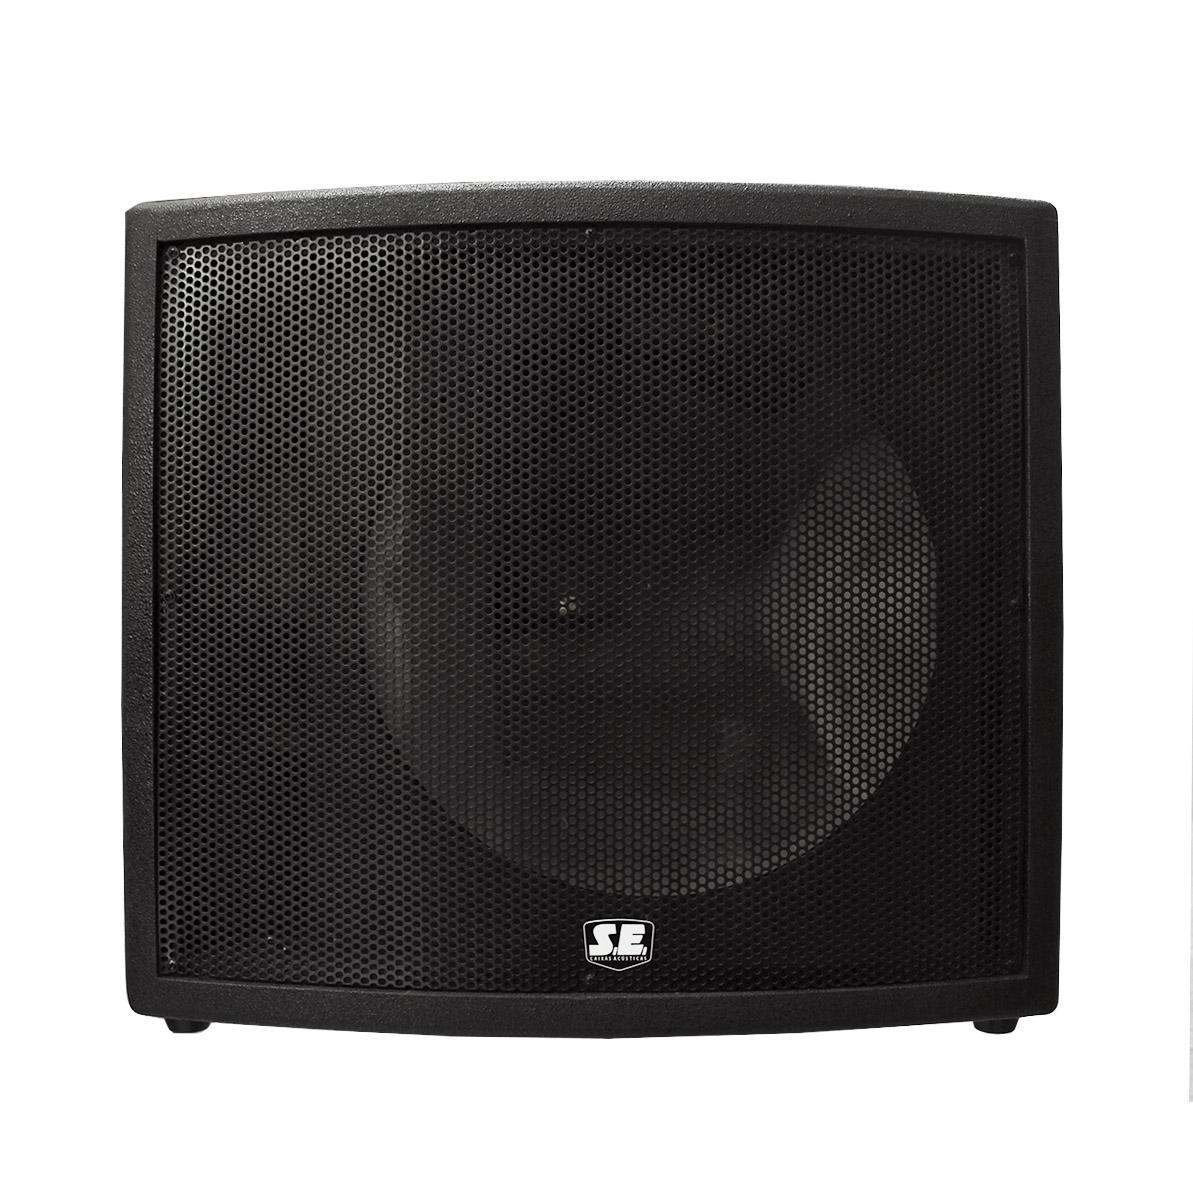 Gabinete Sub para 1 alto-falante de 18 polegadas LCW118